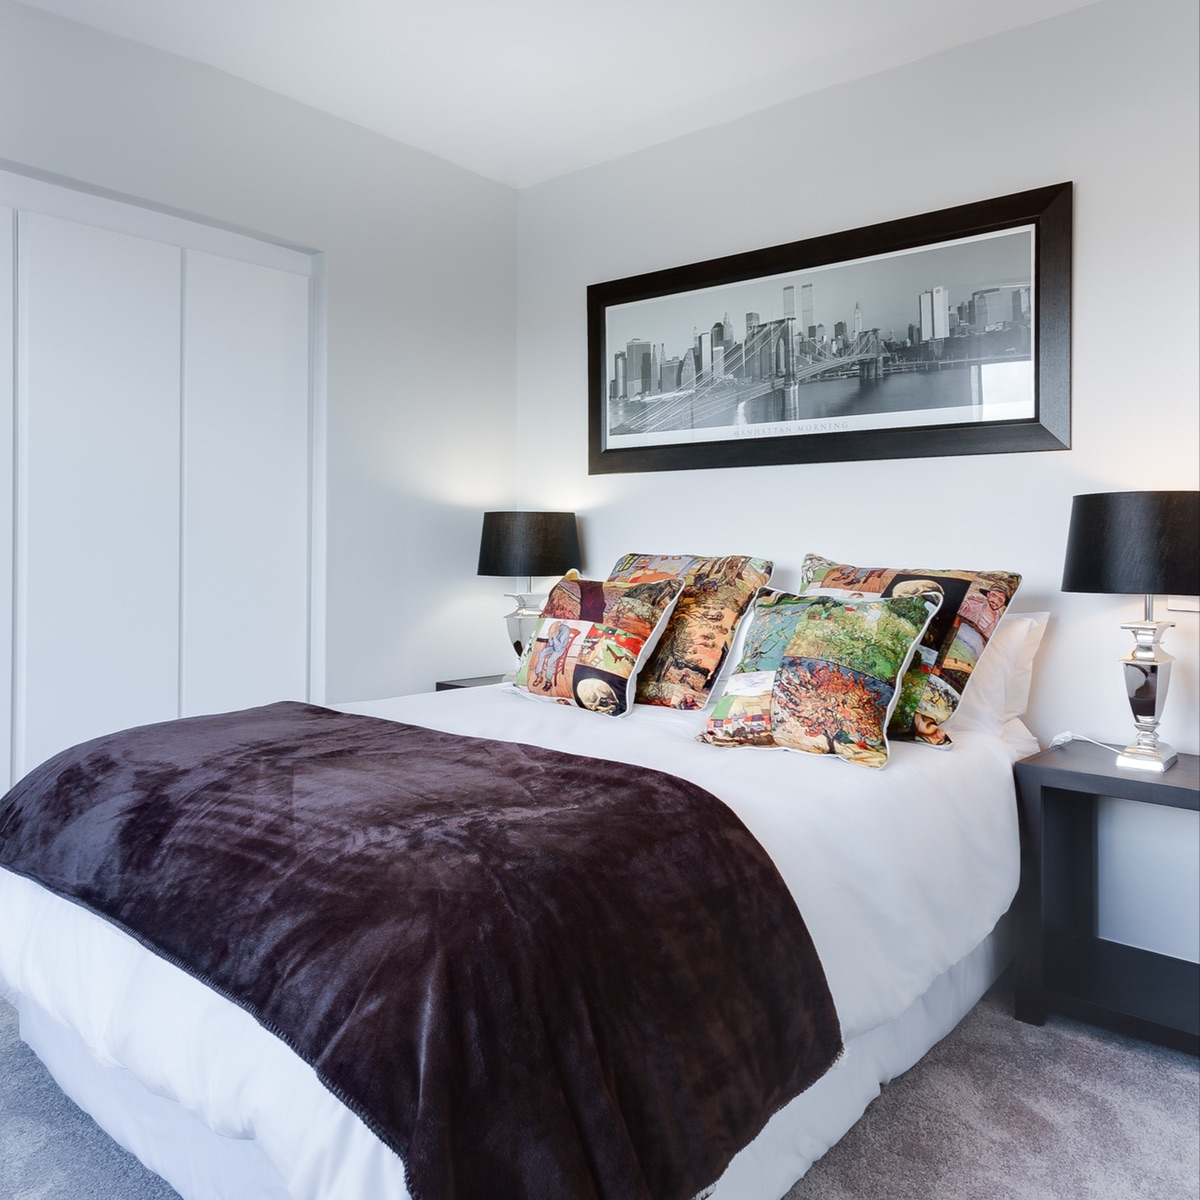 4 Bedrooms -